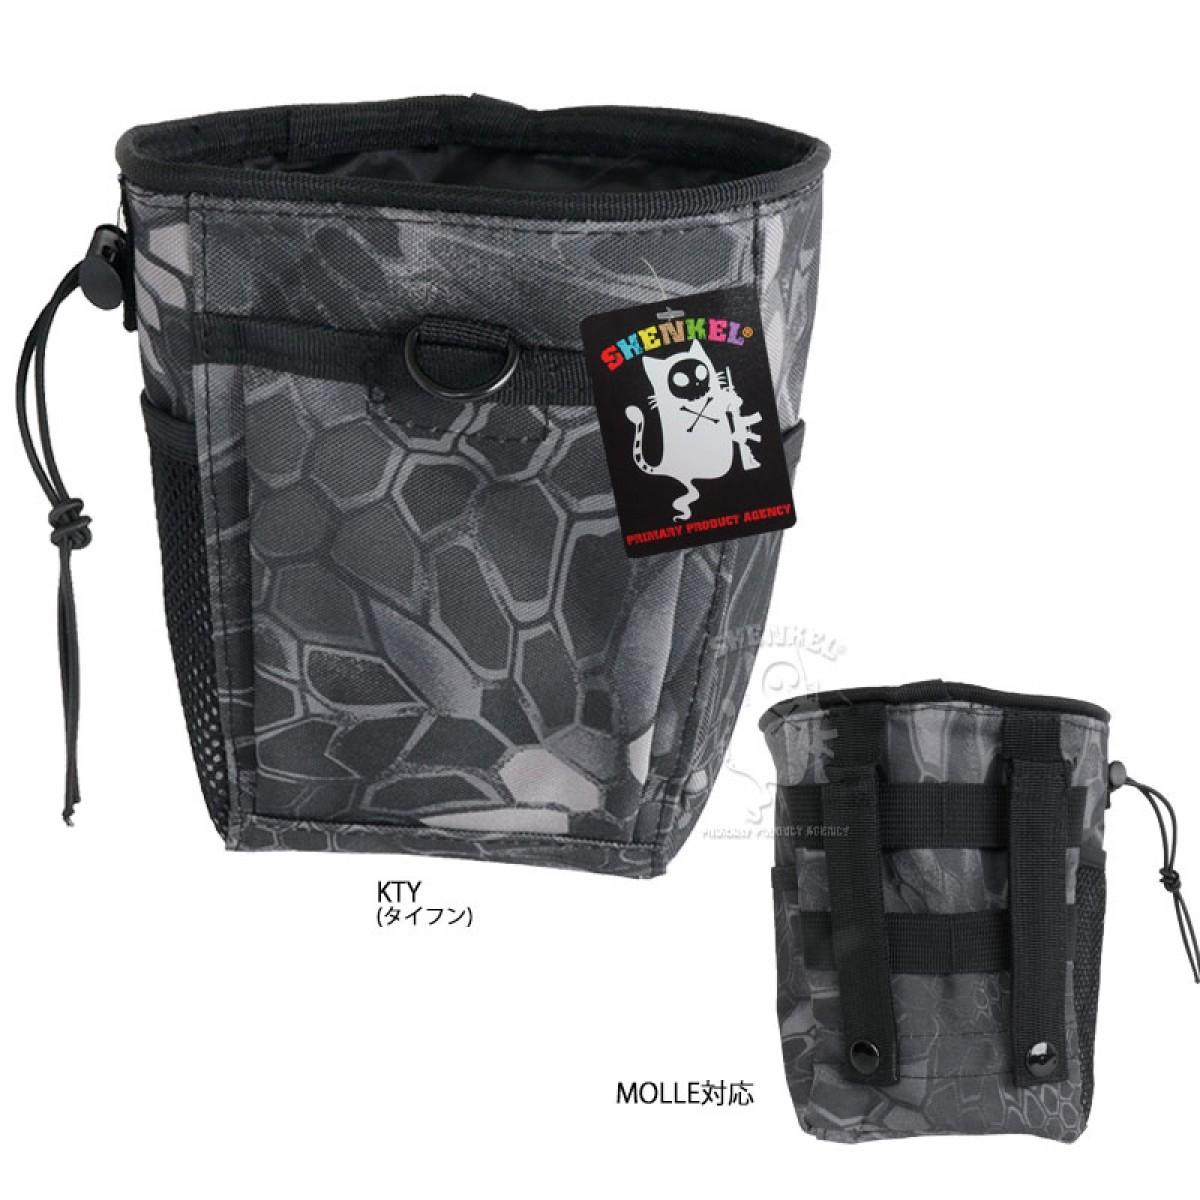 SHENKEL ダンプポーチ ミリタリーポーチ マガジン収納 Molle対応 7色 散歩 登山 バイク アウトドア